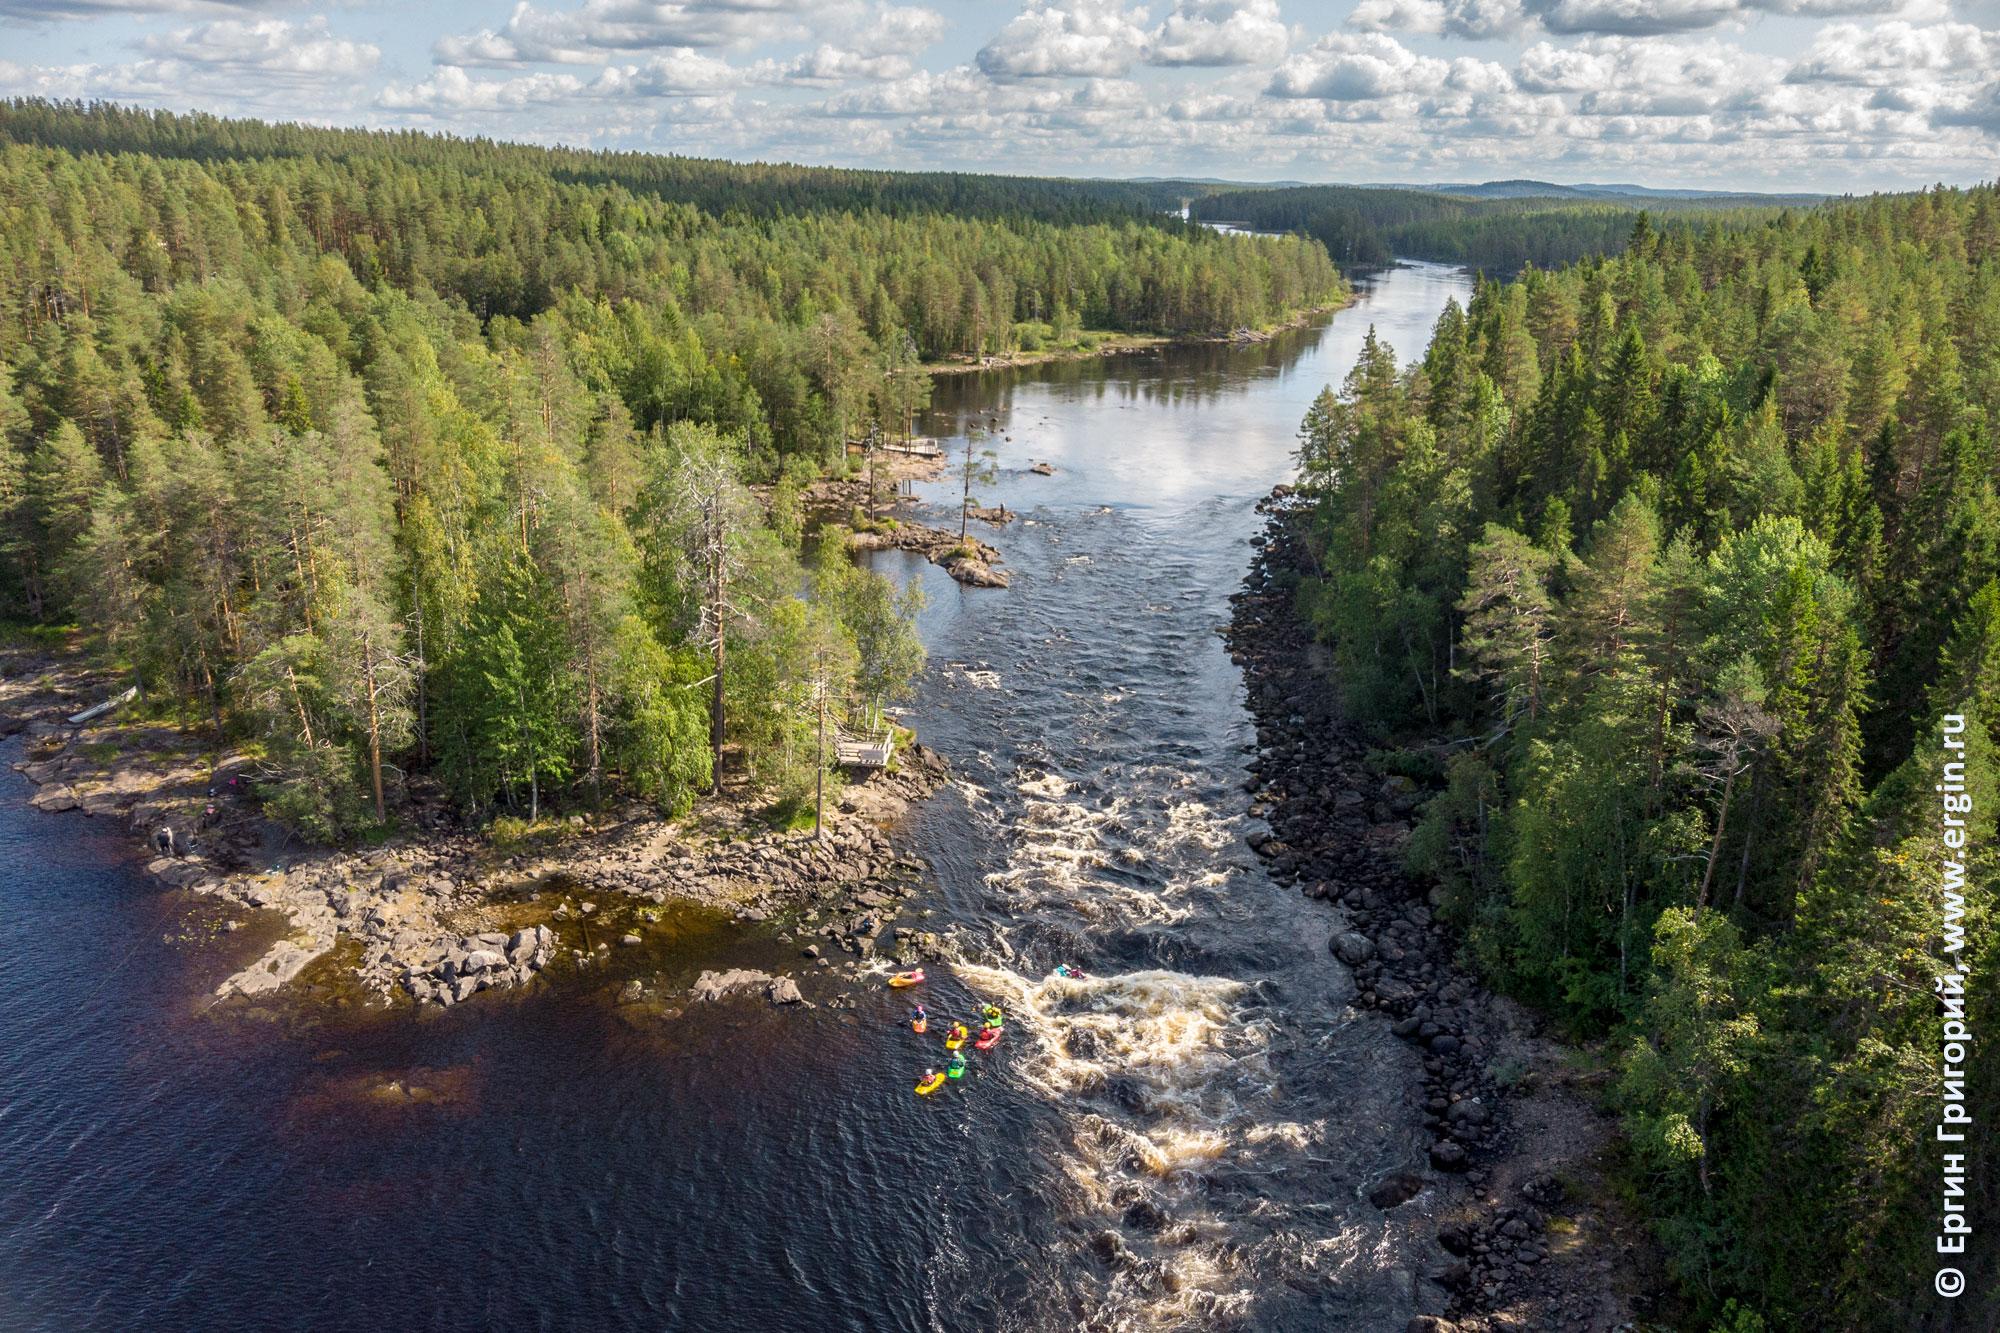 Лиекса порог Нейтикоски порог в августе низкий уровень воды каякеры тренируются